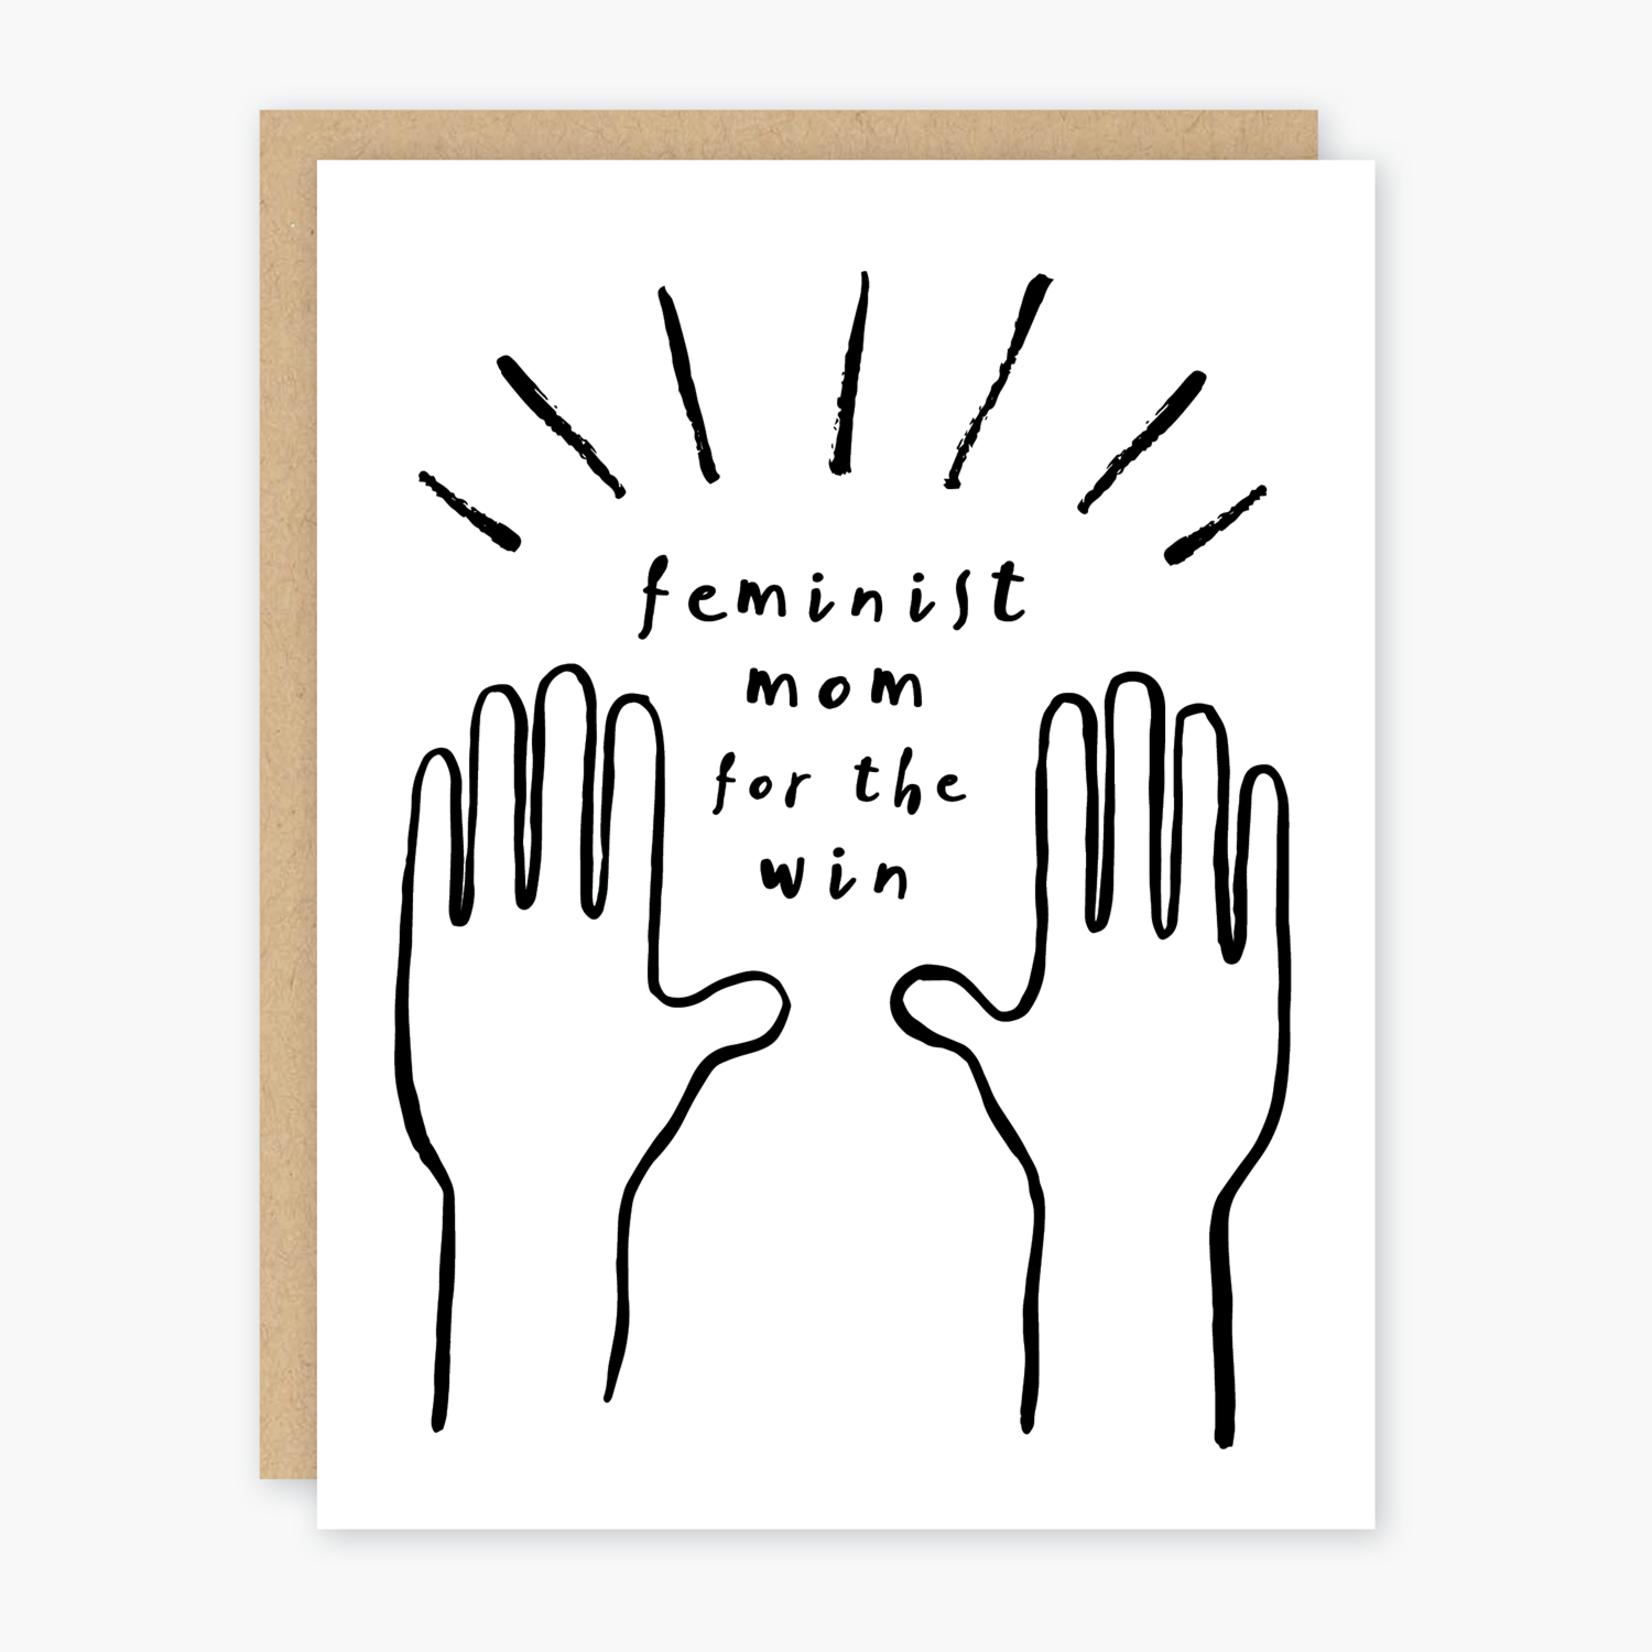 Mother's Day: Feminist Mom